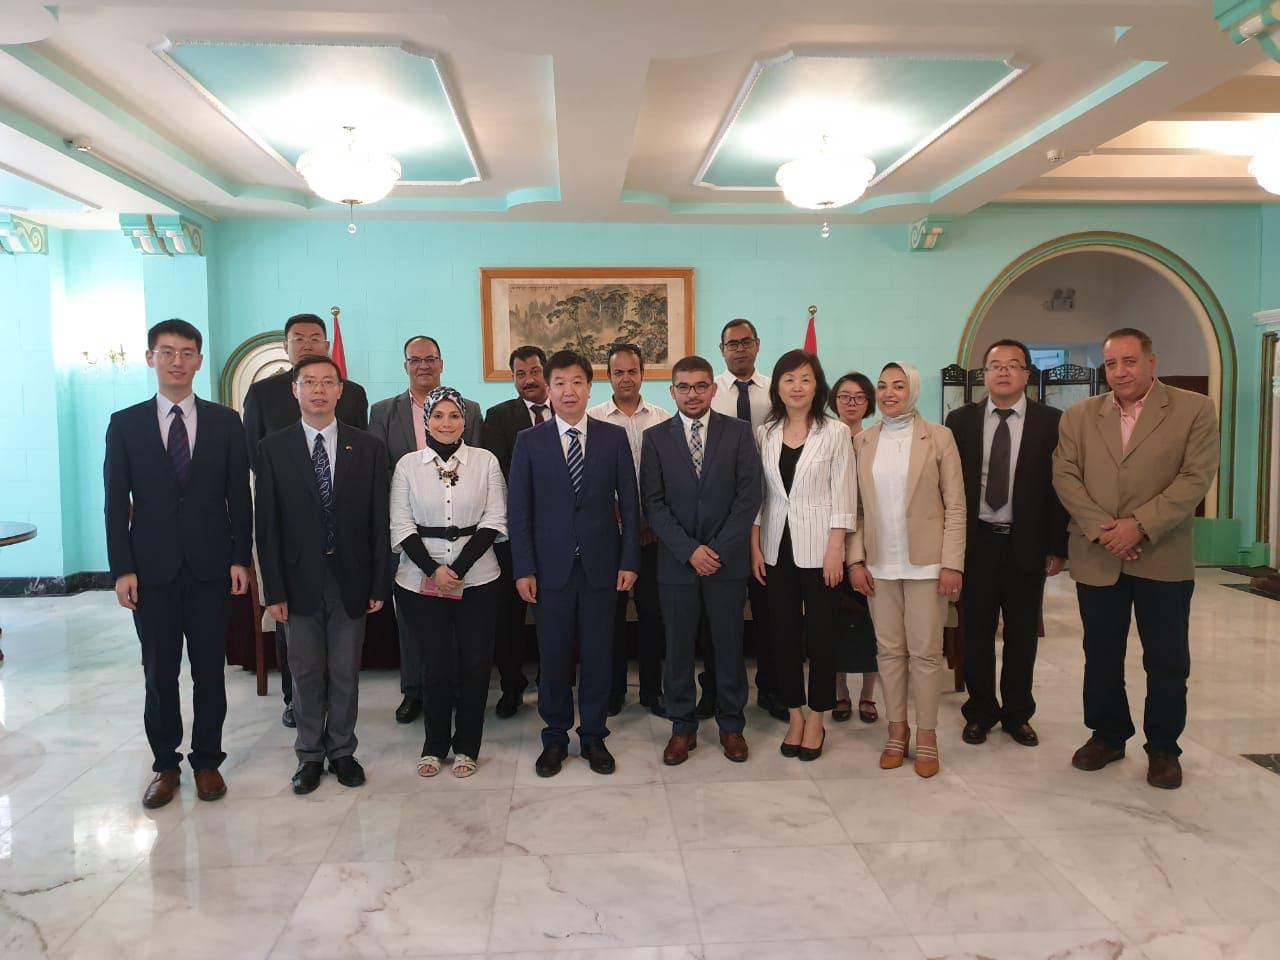 ممثلى حزب حماة وطن مع المسؤولين الصينيين بالقنصلية